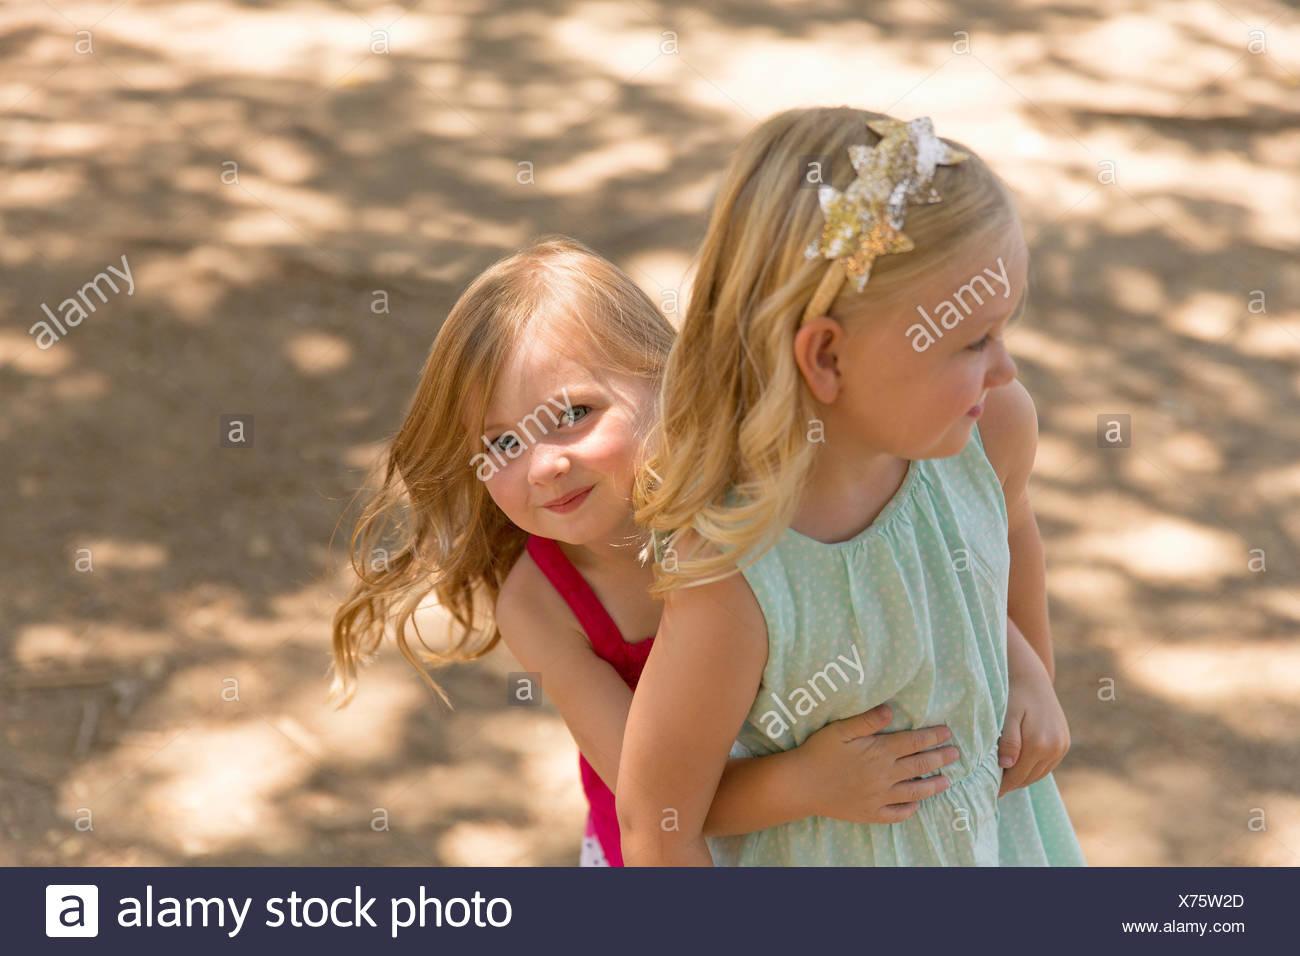 Joven escondiéndose detrás de su hermana en el parque Imagen De Stock